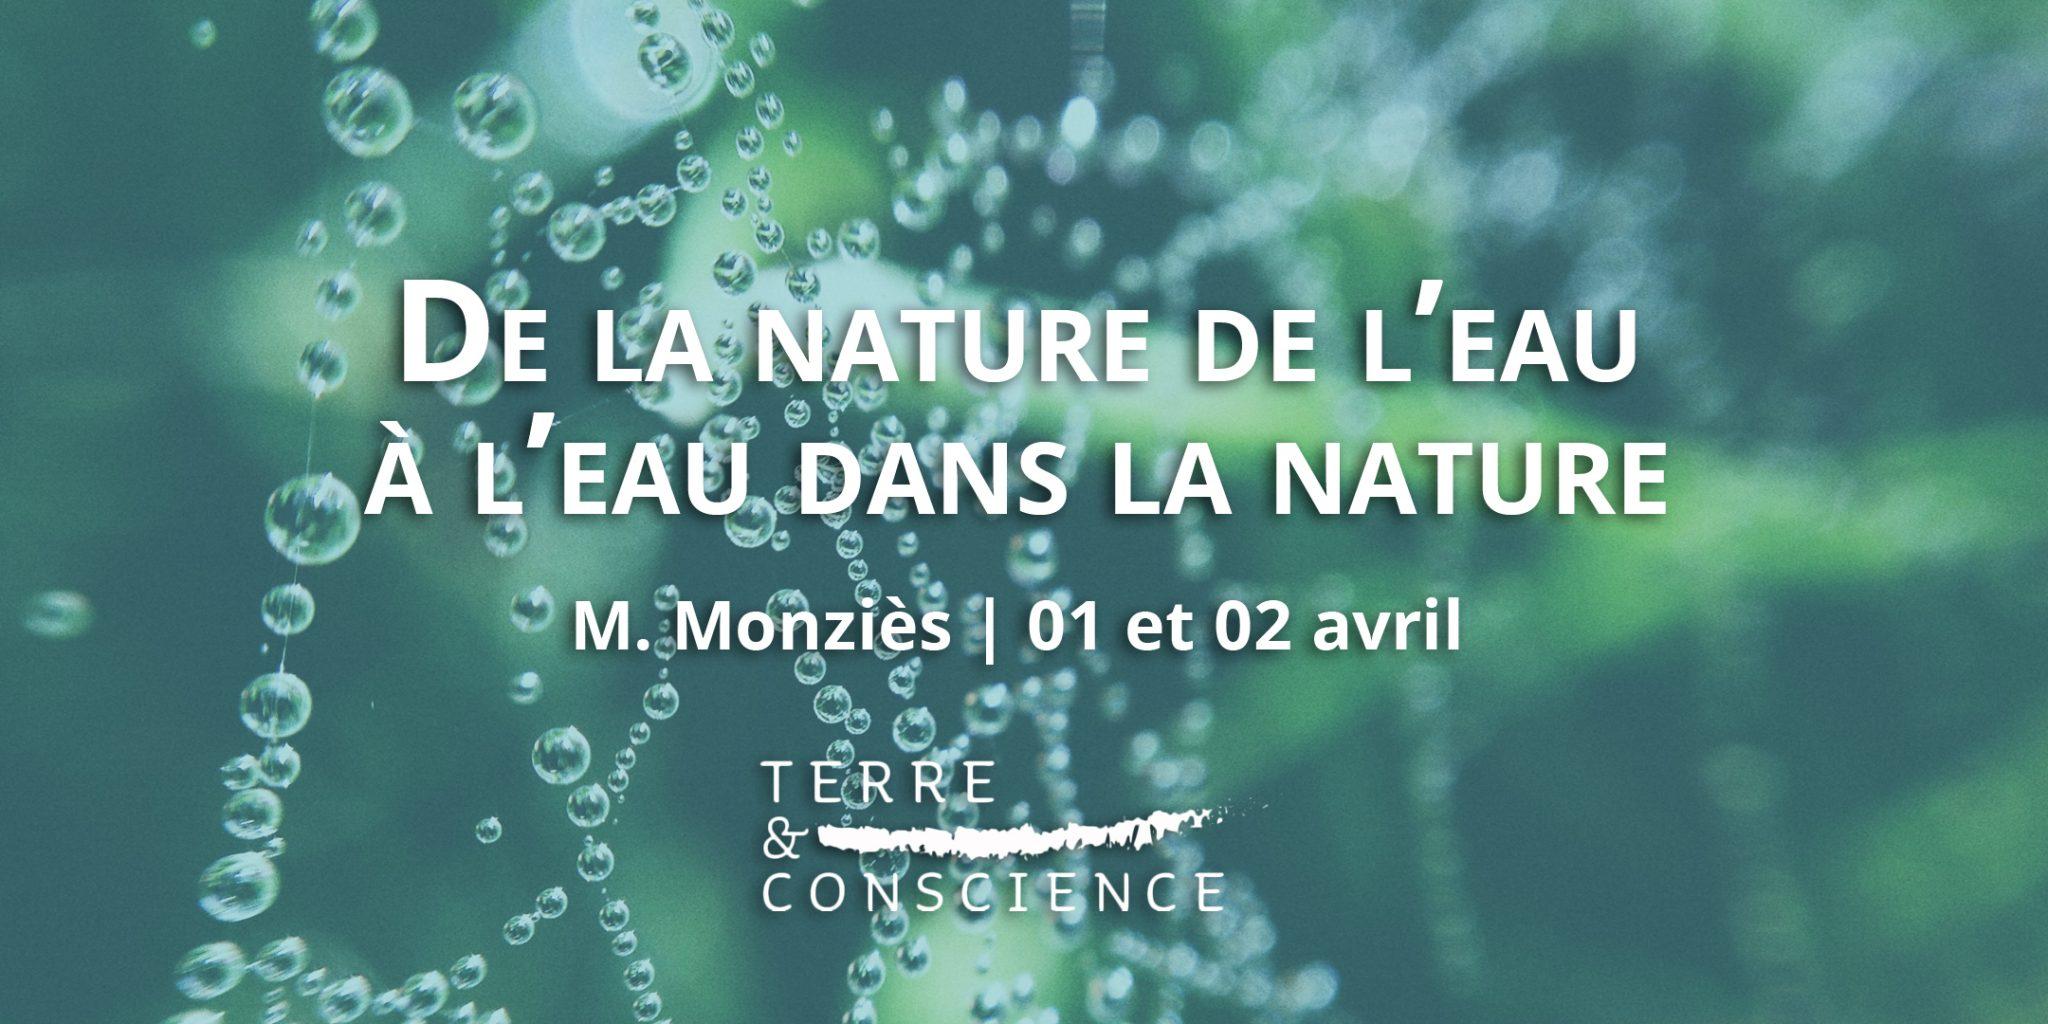 Conférence M. Monziès Terre et Conscience